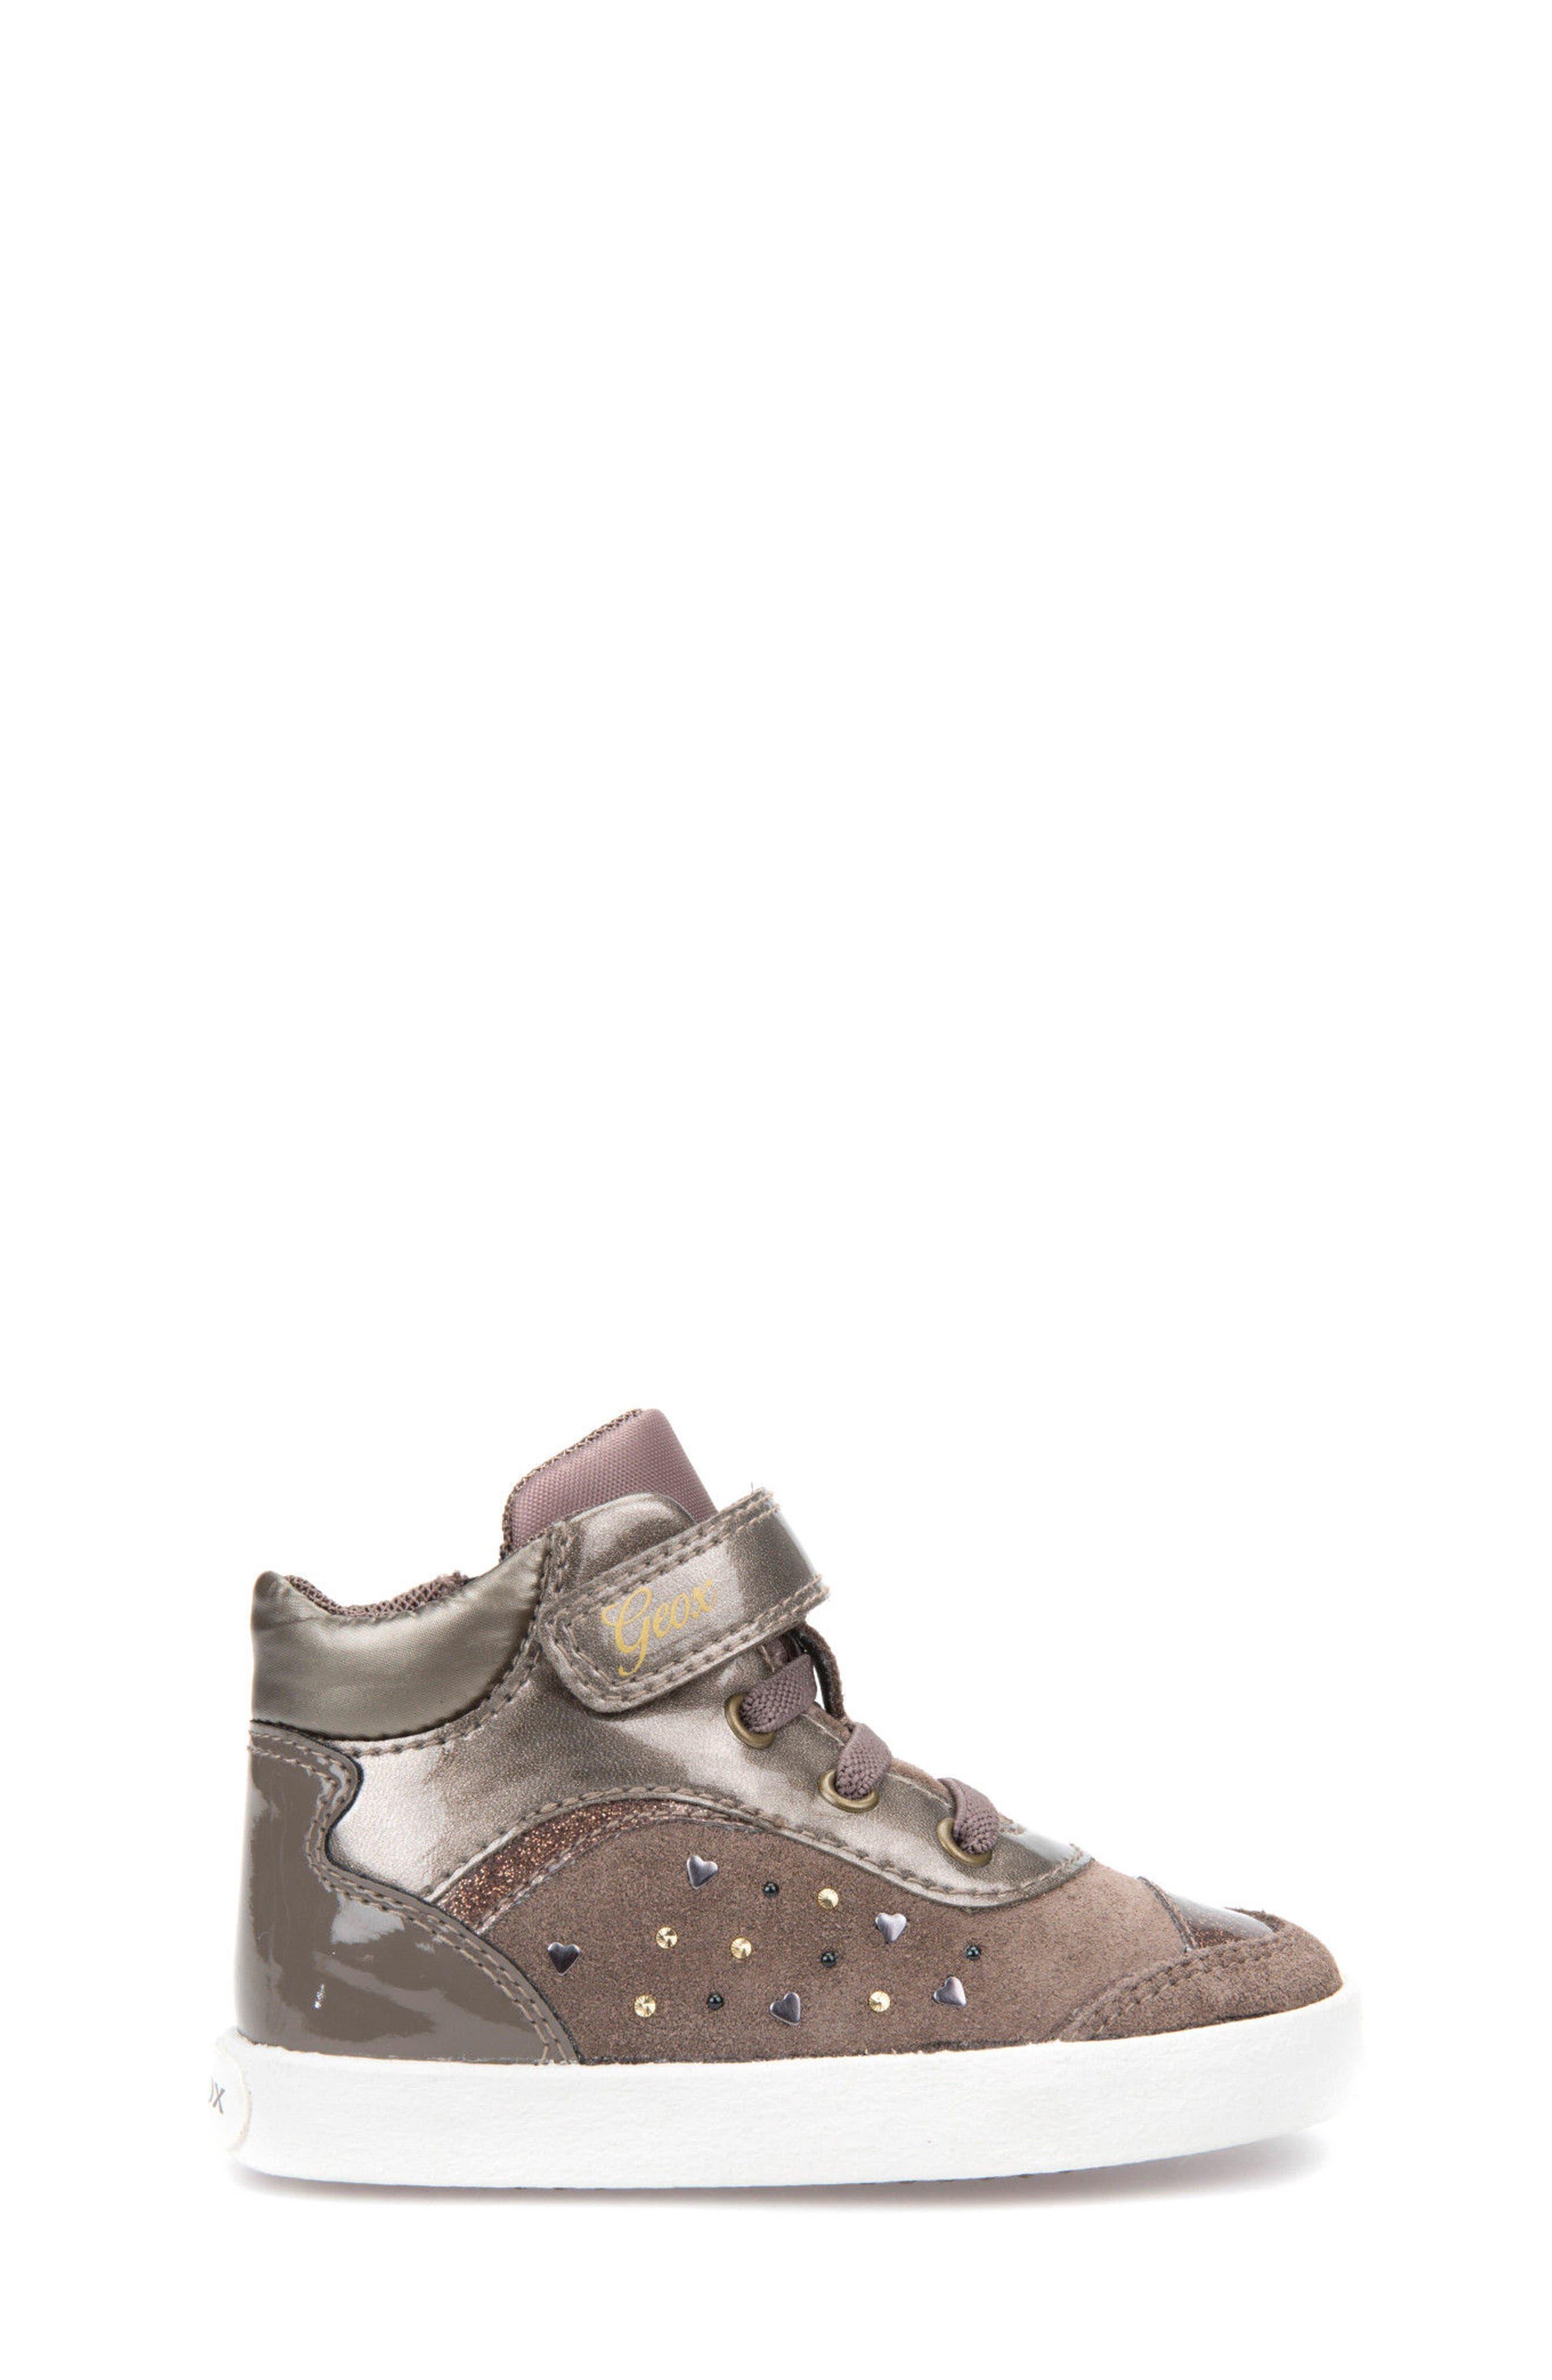 Kiwi Girl Studded High Top Sneaker,                             Alternate thumbnail 9, color,